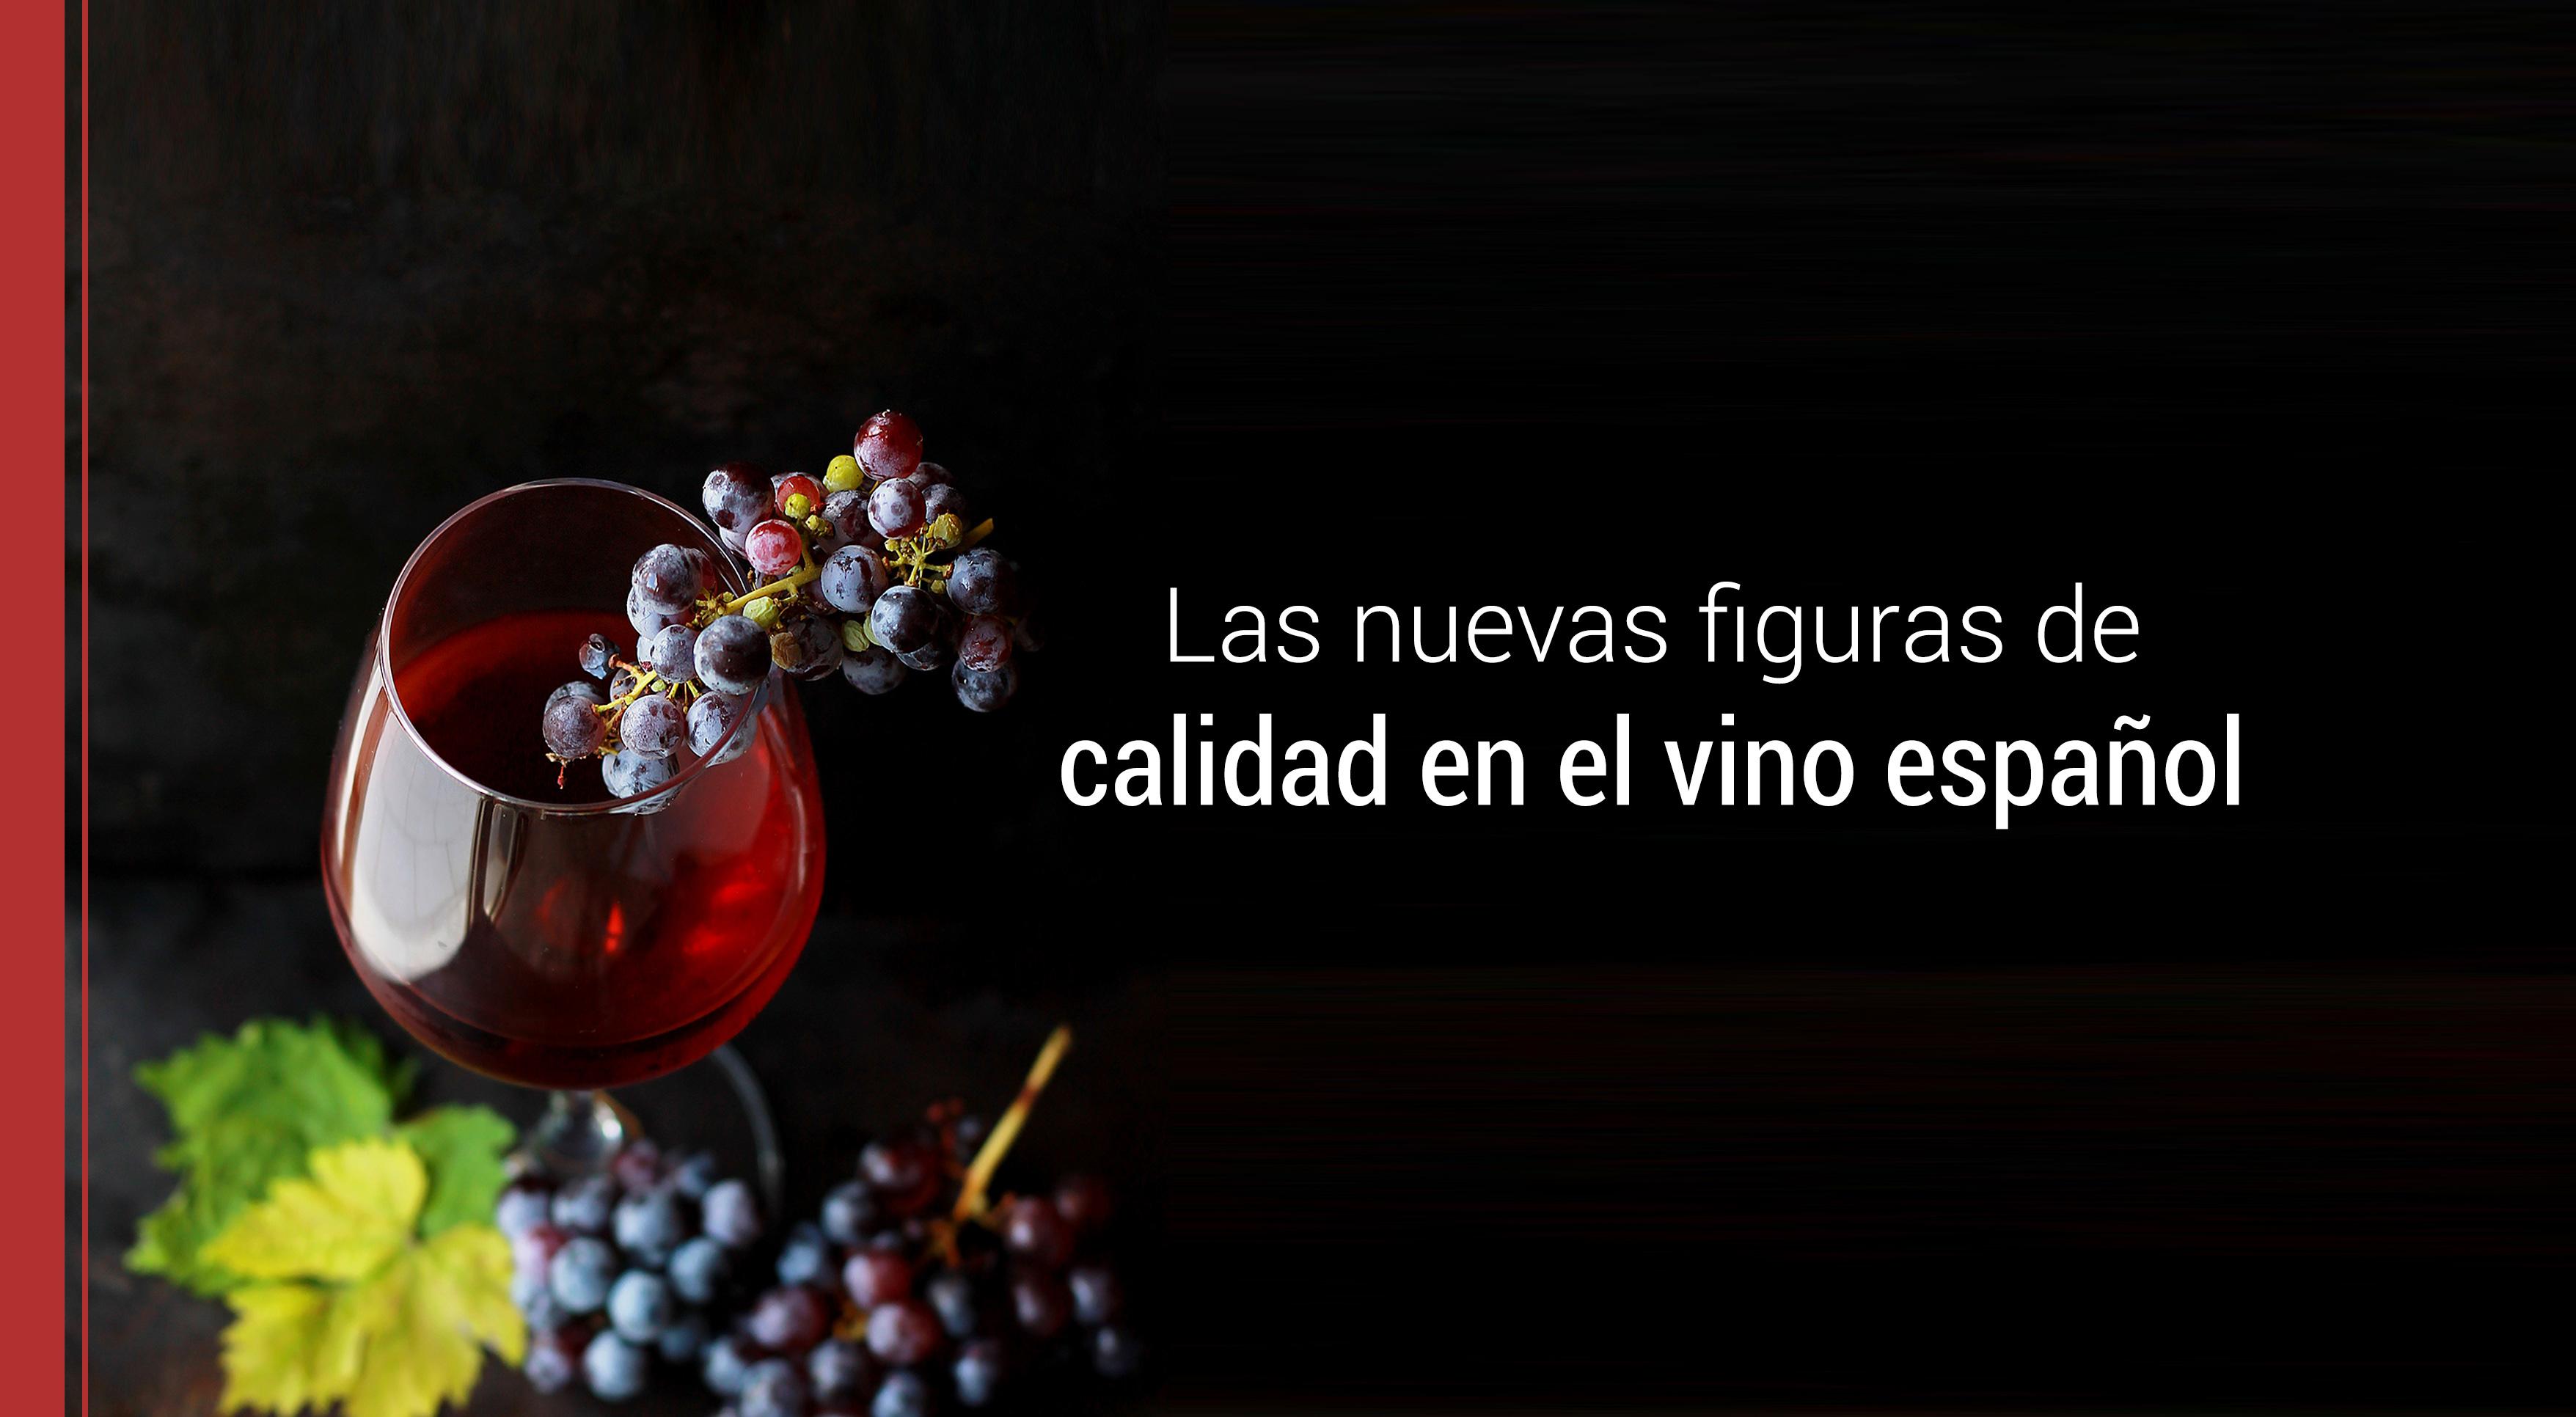 figuras-calidad-vino-espanol Las nuevas figuras de calidad en el vino español